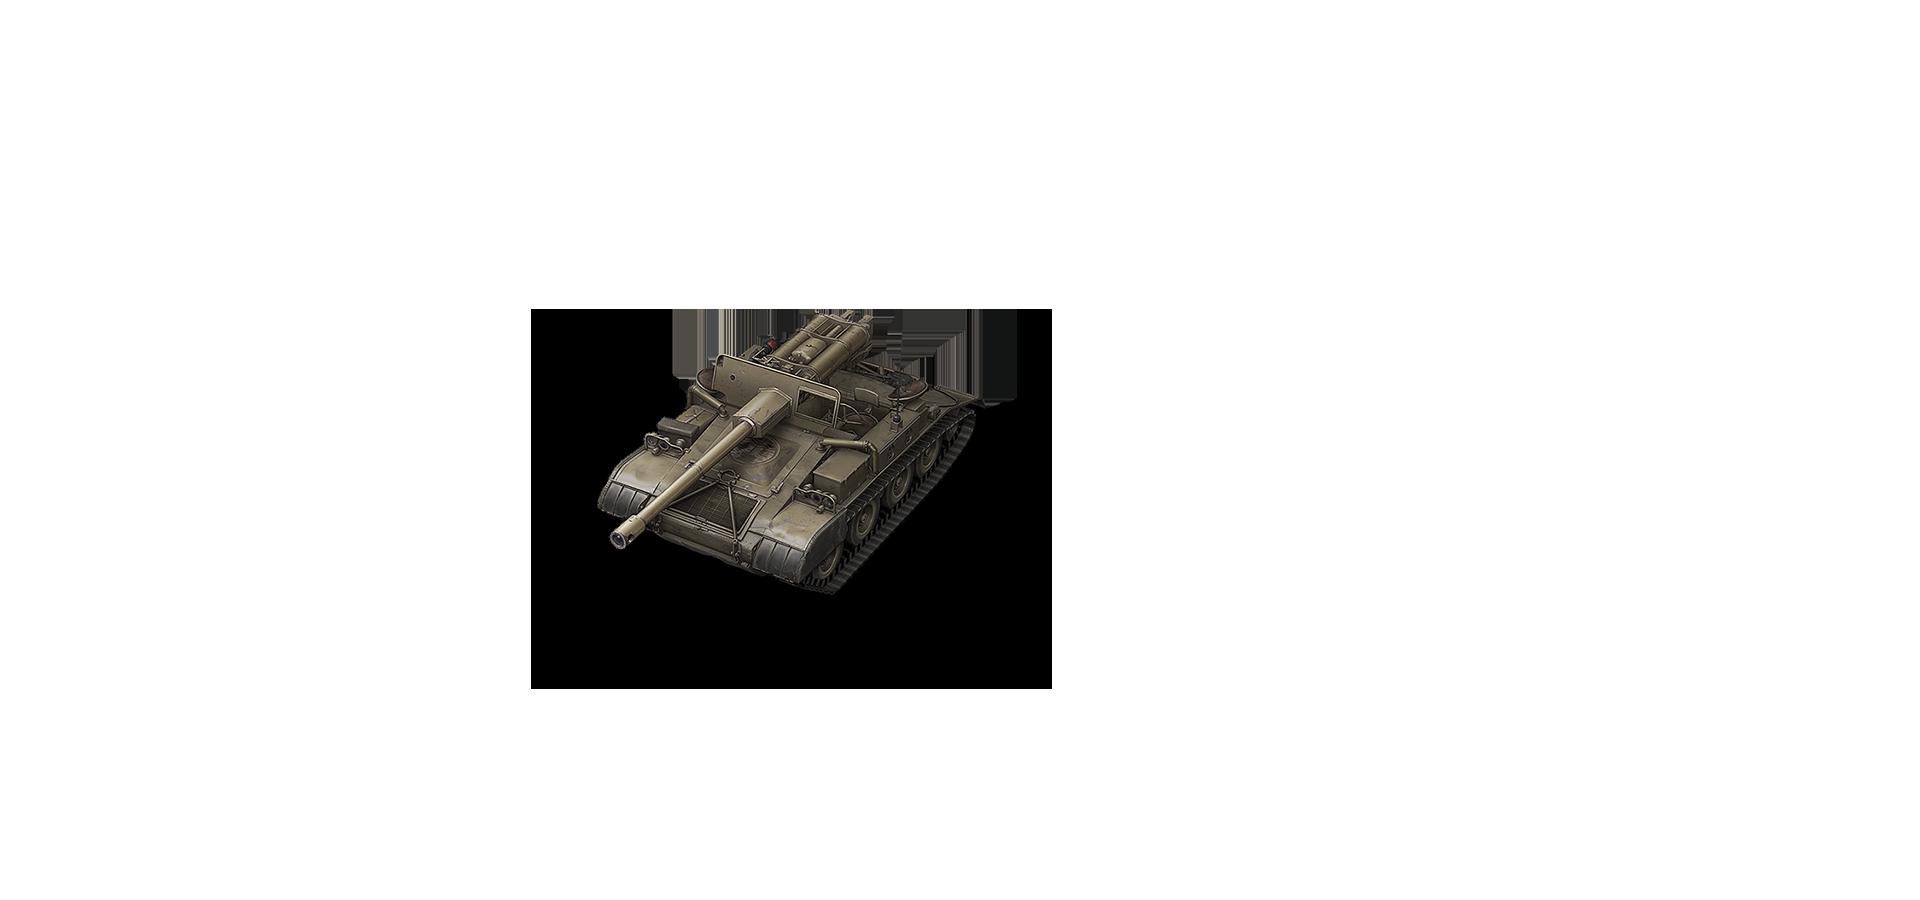 M56 Scorpio: Oyuncular hakkında yorum ve inceleme 27